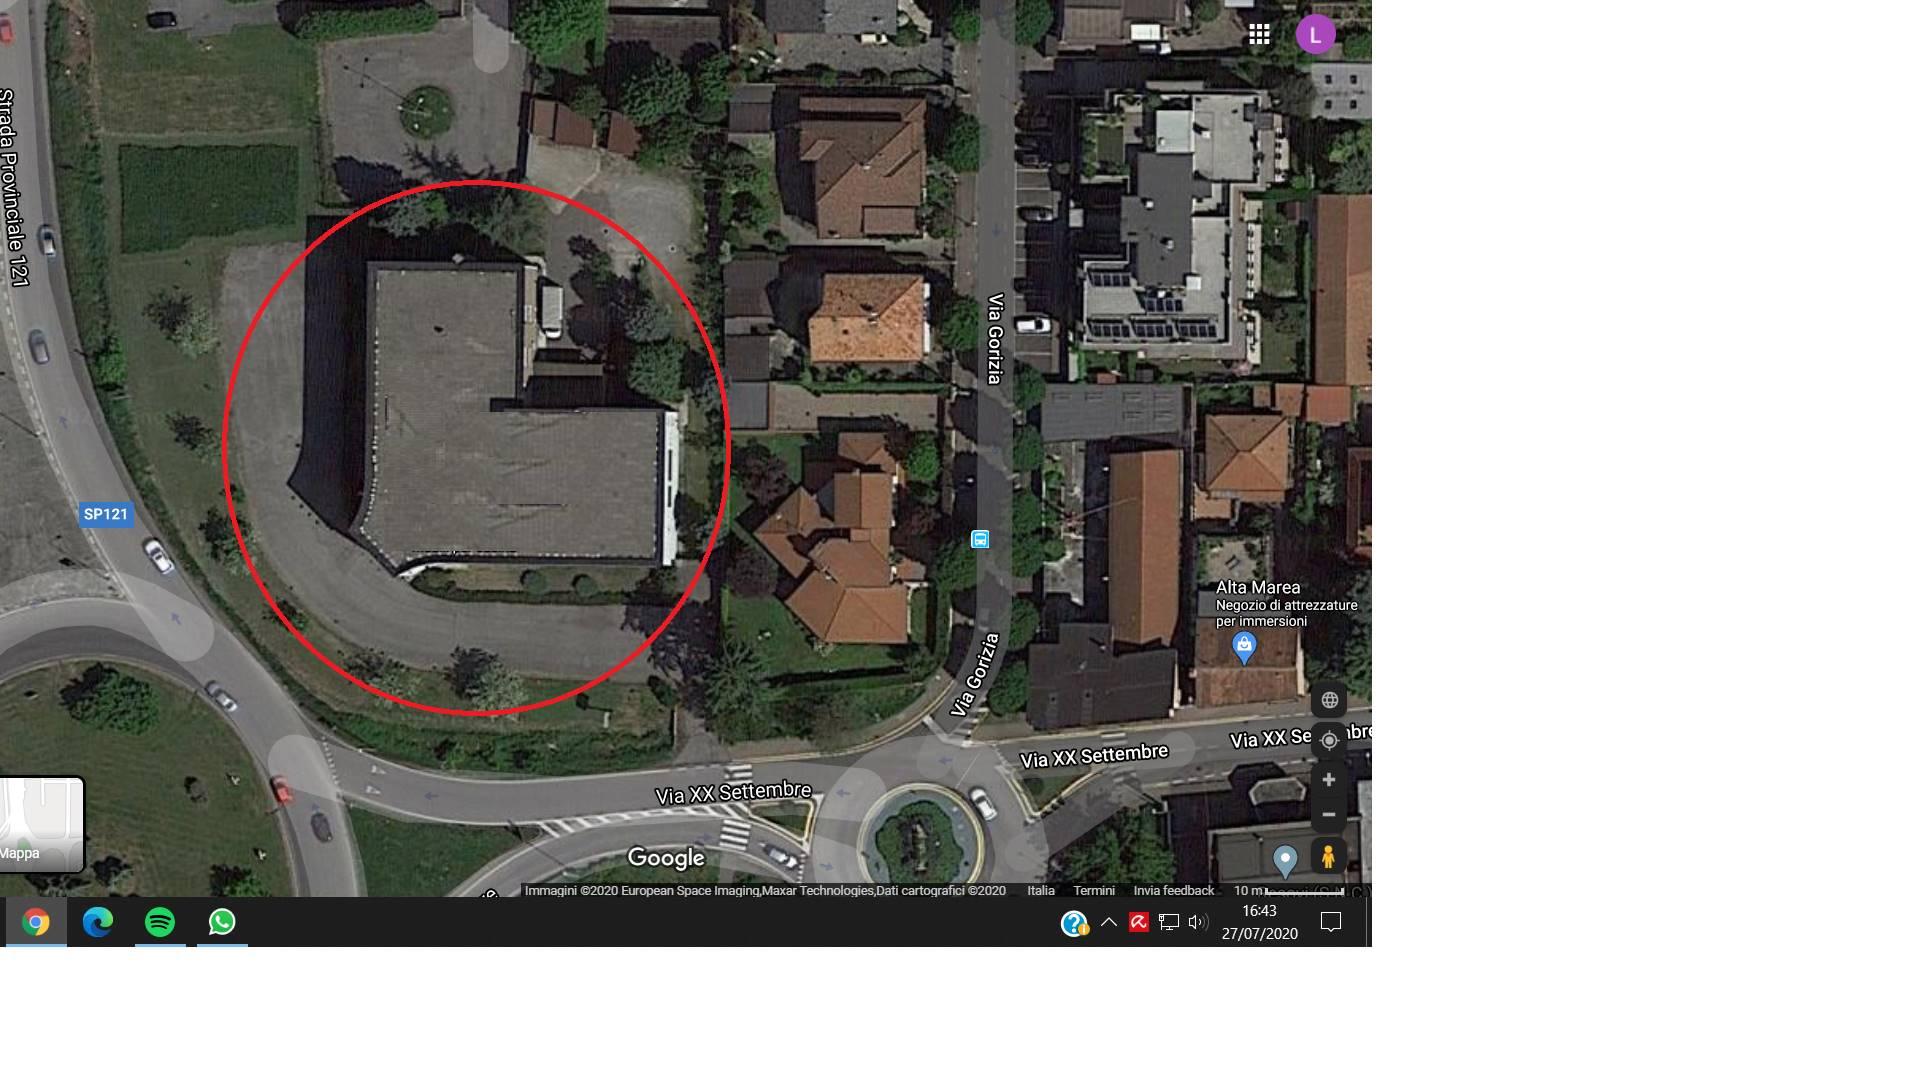 Welchome Business propone in locazione immobile commerciale esclusivo disposto su 4 piani di mq 1120 circa l'uno oltre ad area esterna di mq 4.600 circa. Posizionato a ridosso di una rotonda dalla